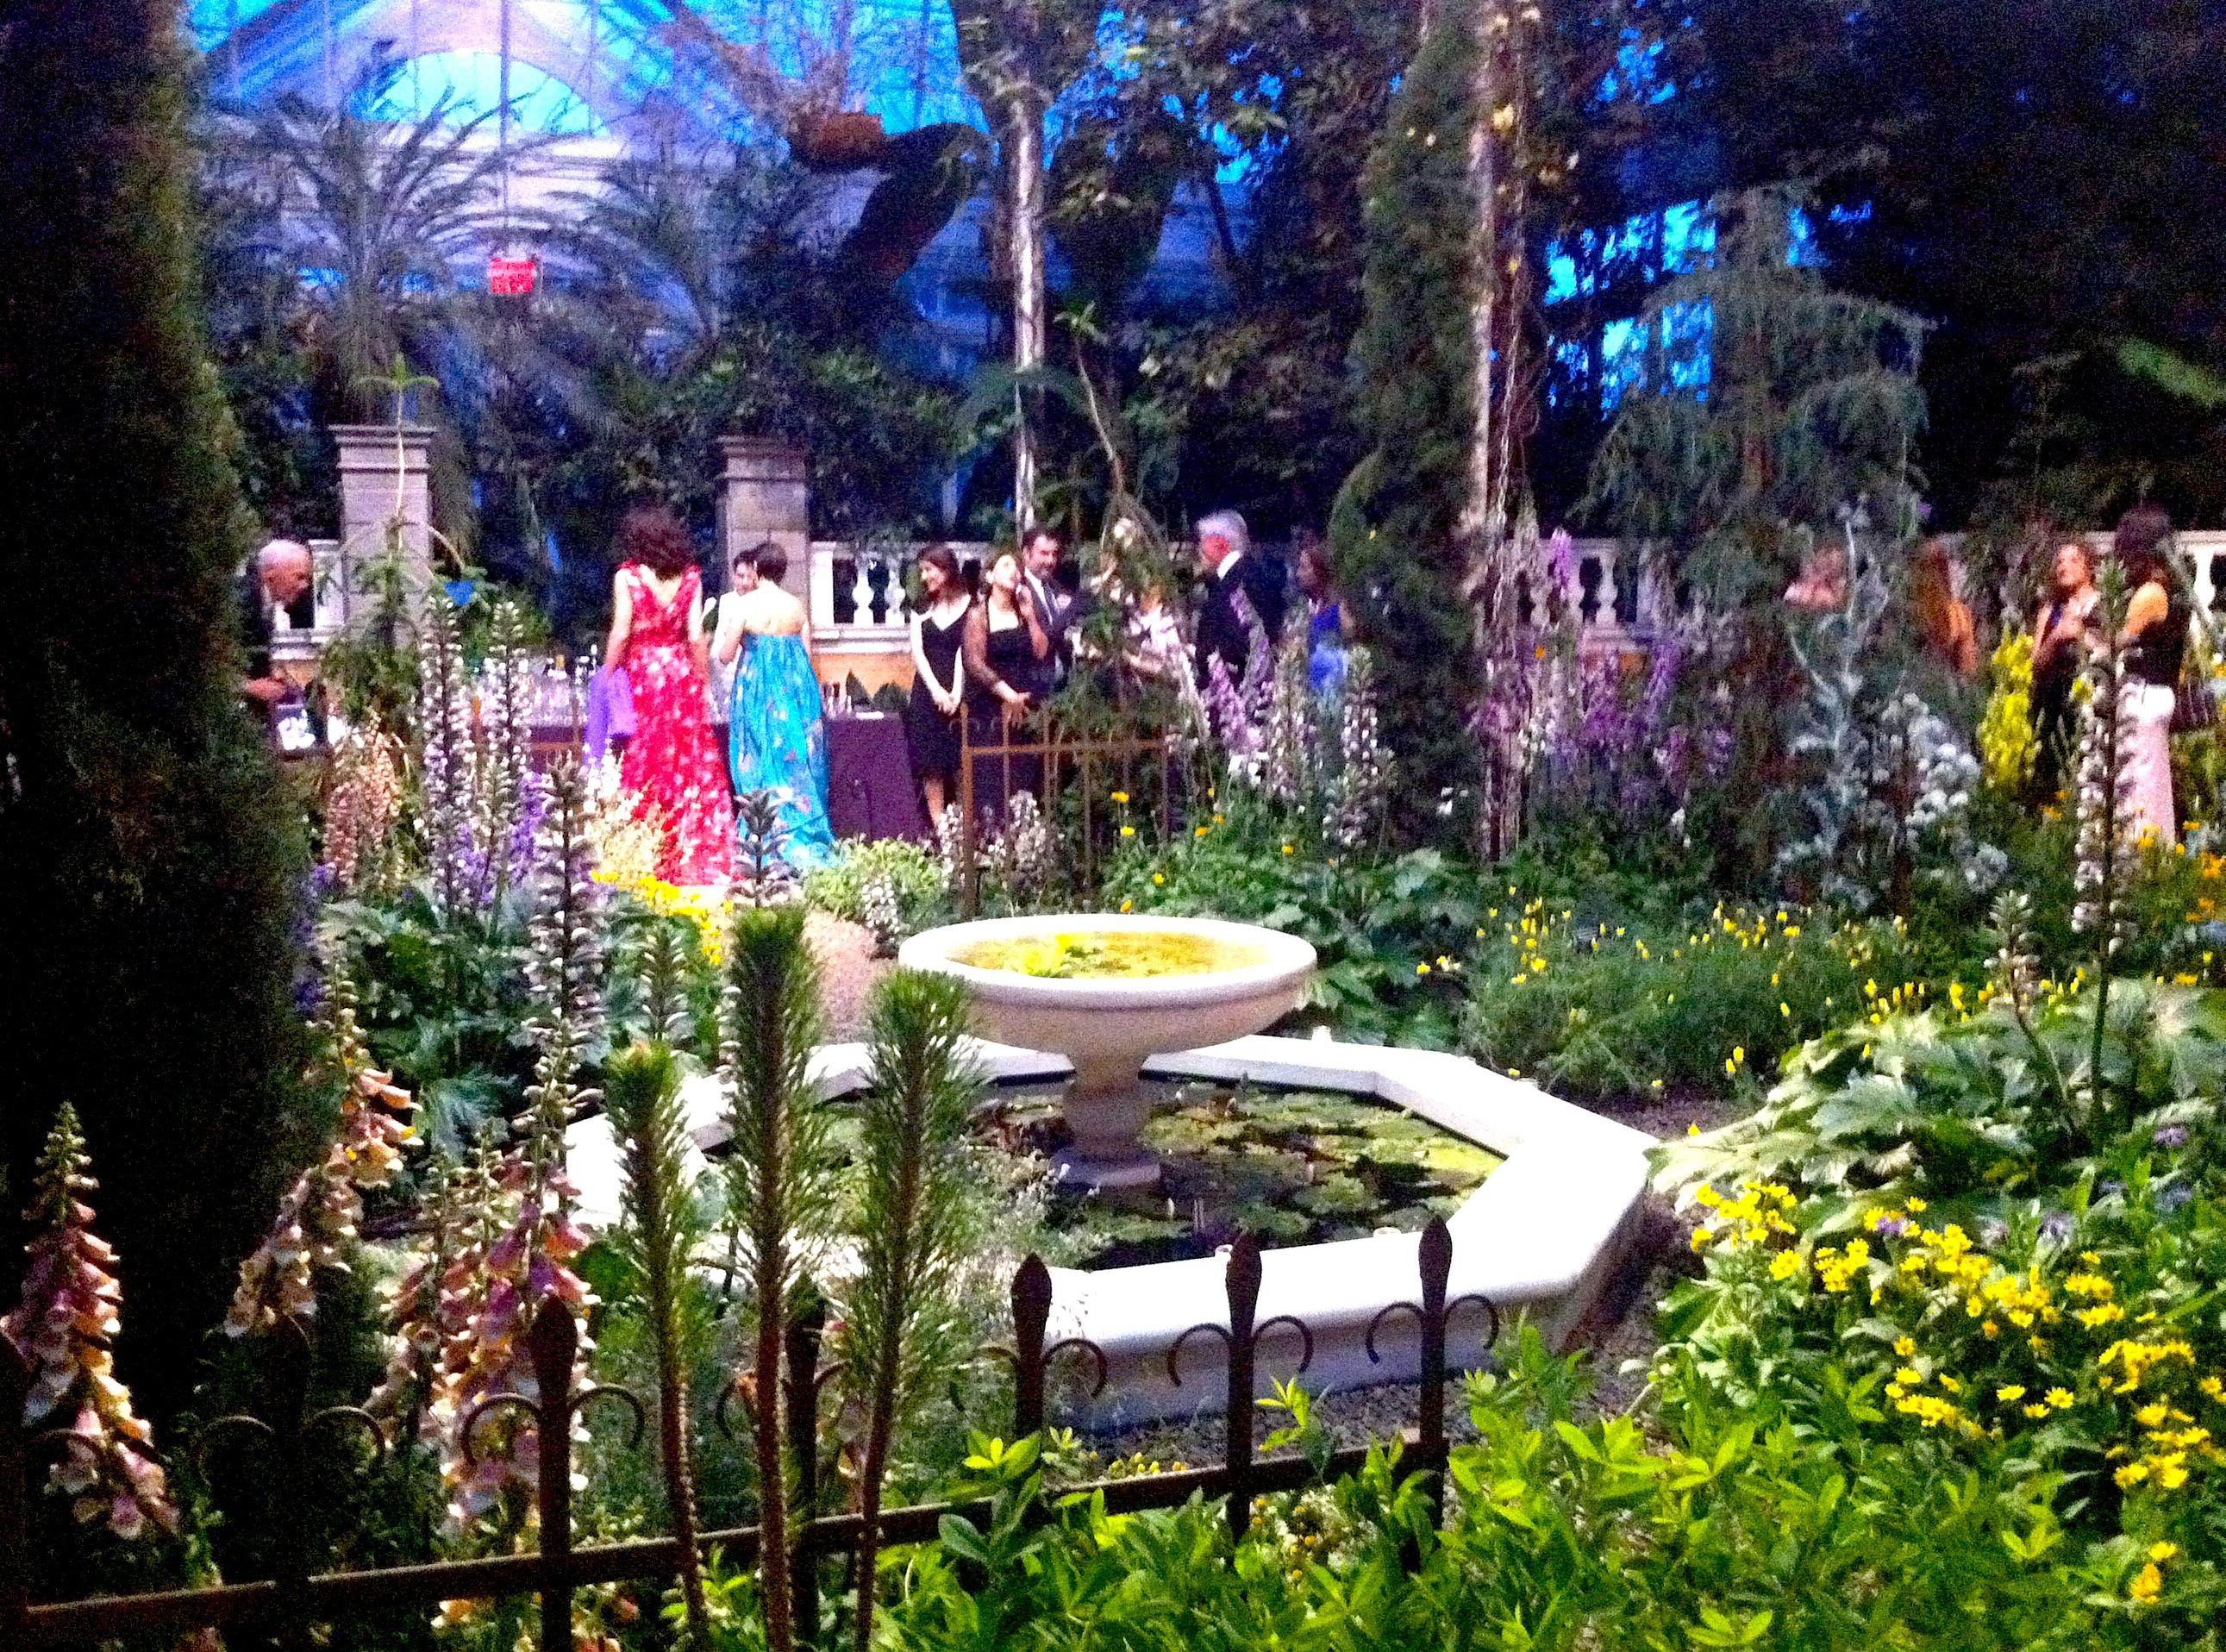 New York Botanical Garden Conservatory Ball 2013 An Evening In